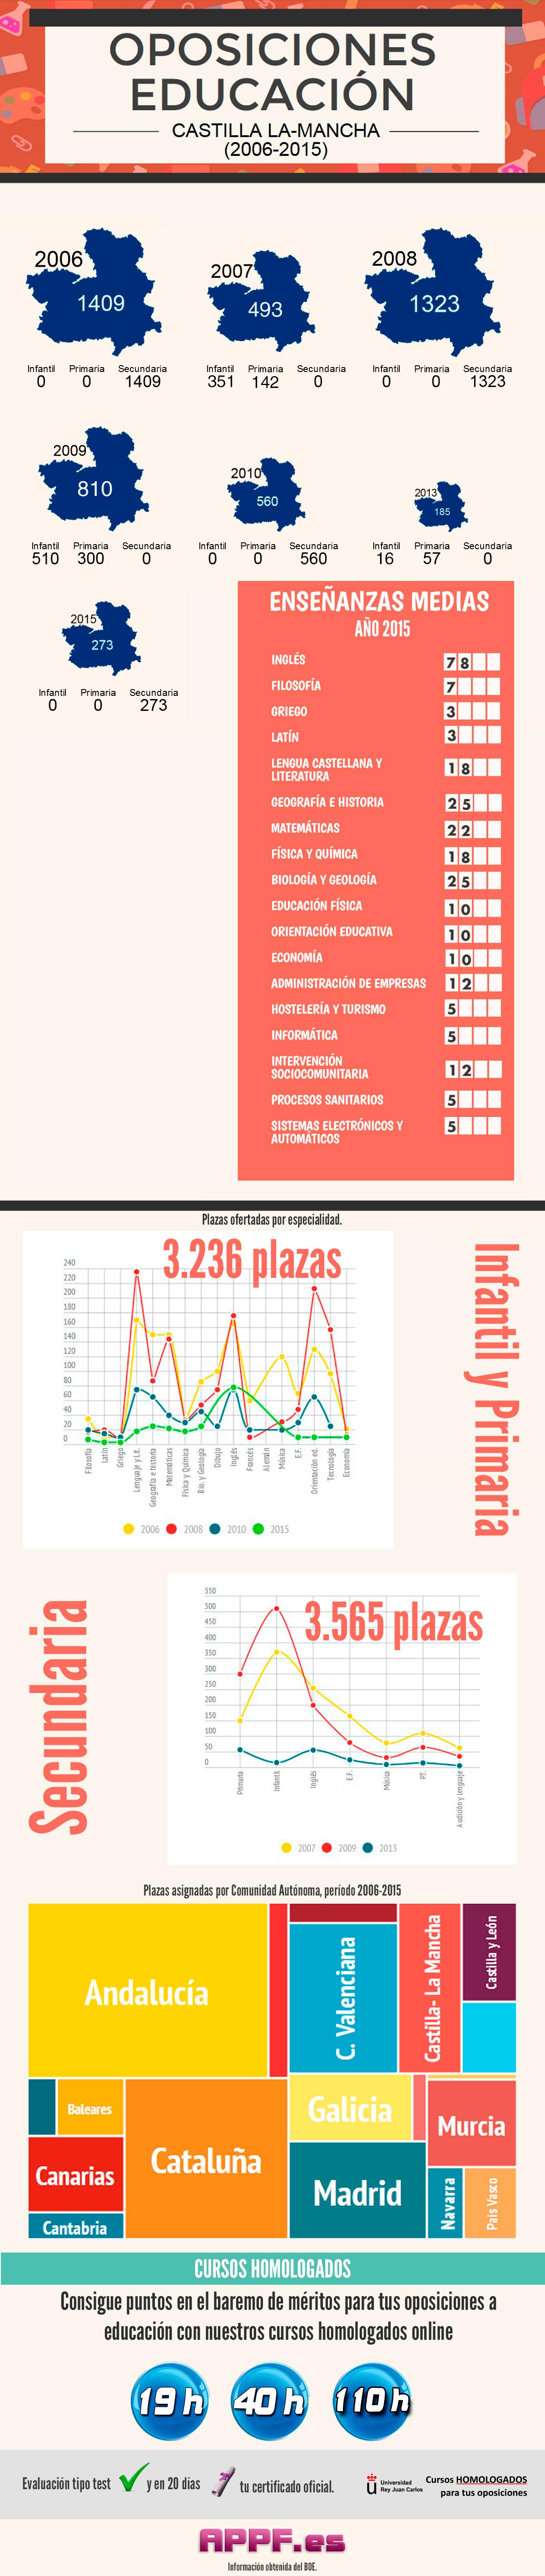 info_castilla-la-mancha_appf_FINAL